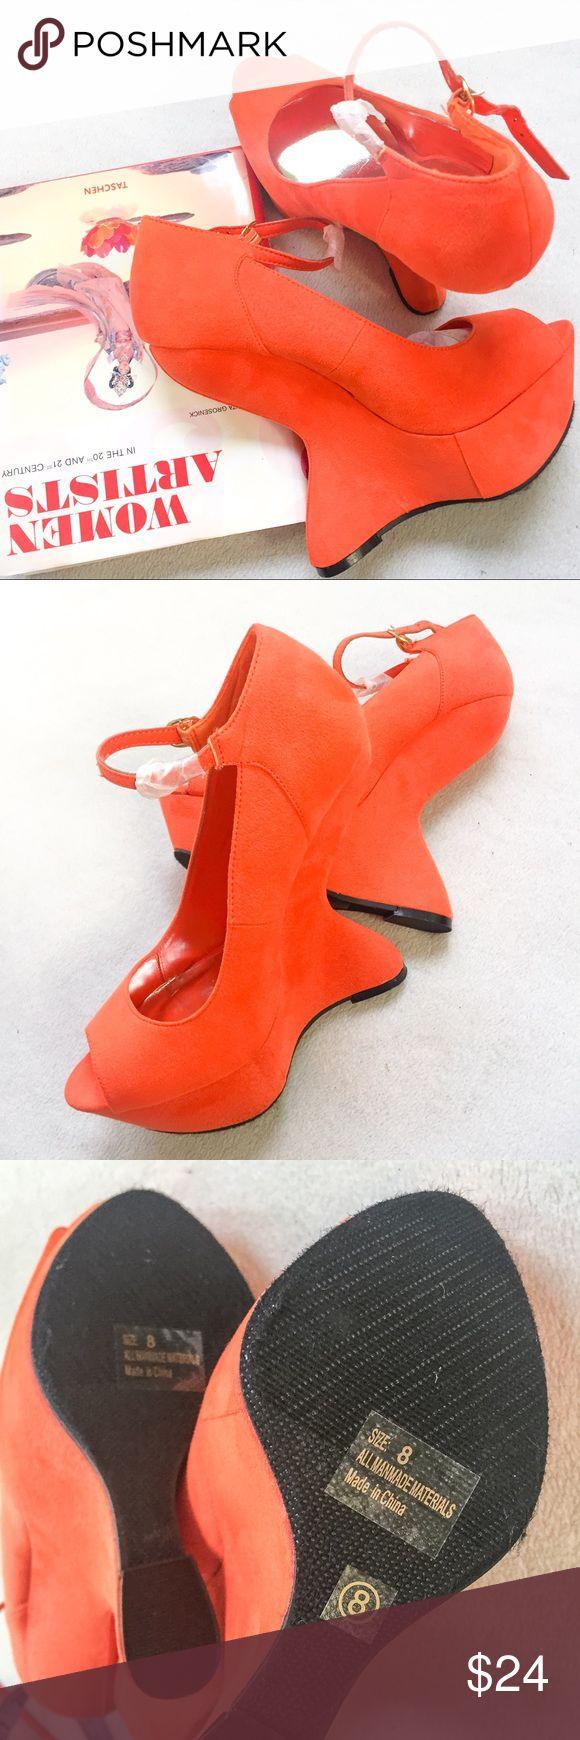 NWOB Avant-Garde Orange Wedges NWOB Avant-Garde Orange Wedges. Never worn. Very high heel-less platform wedge, peep toe & ankle strap design. Breckelles Shoes Platforms